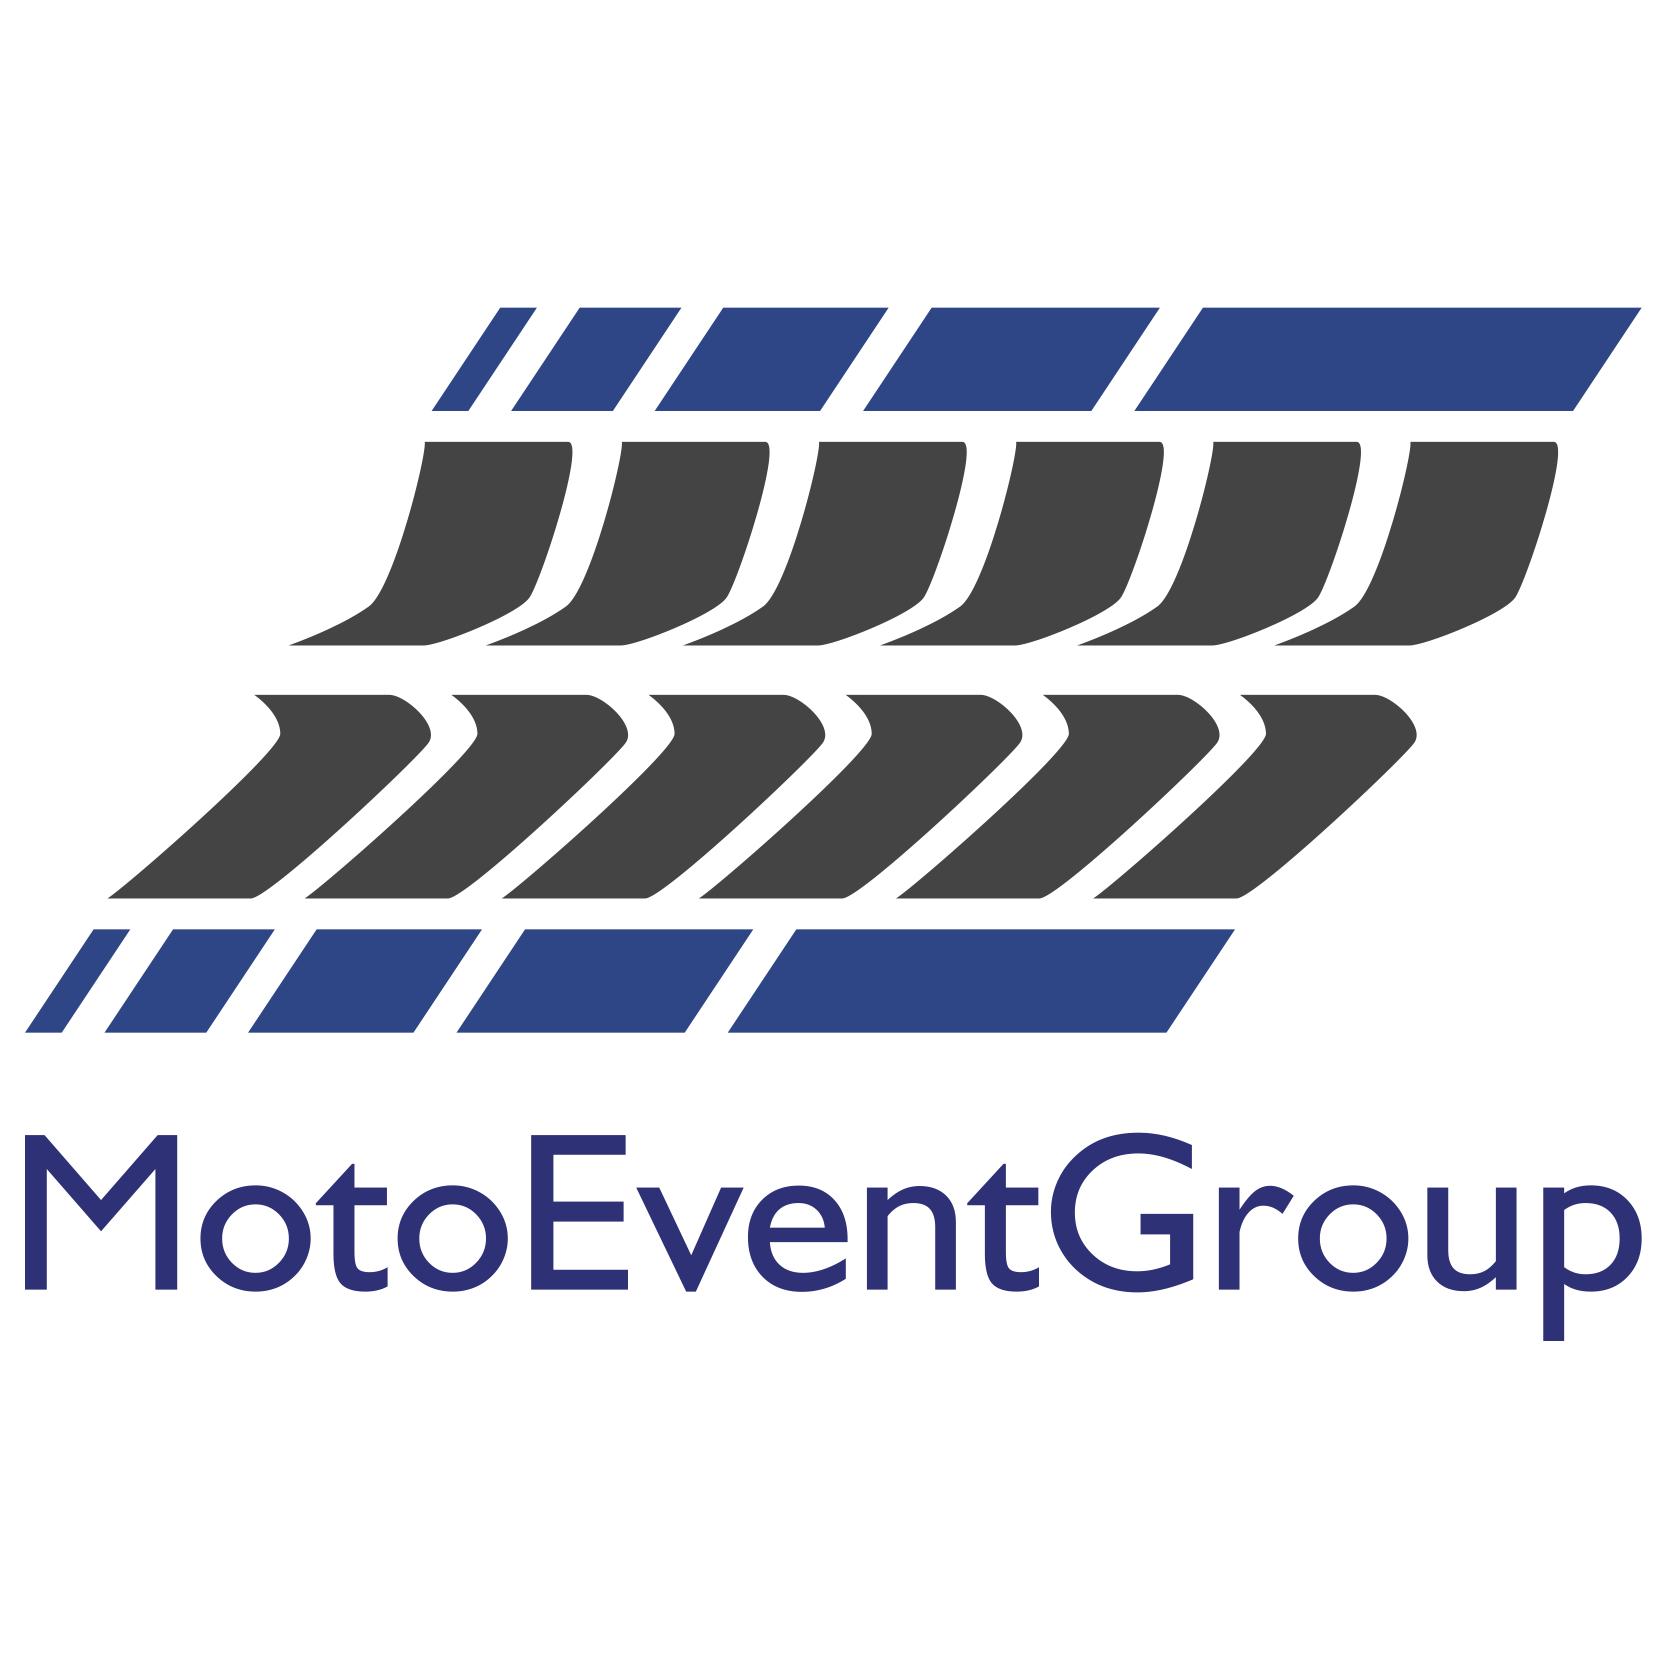 MotoEventGroup